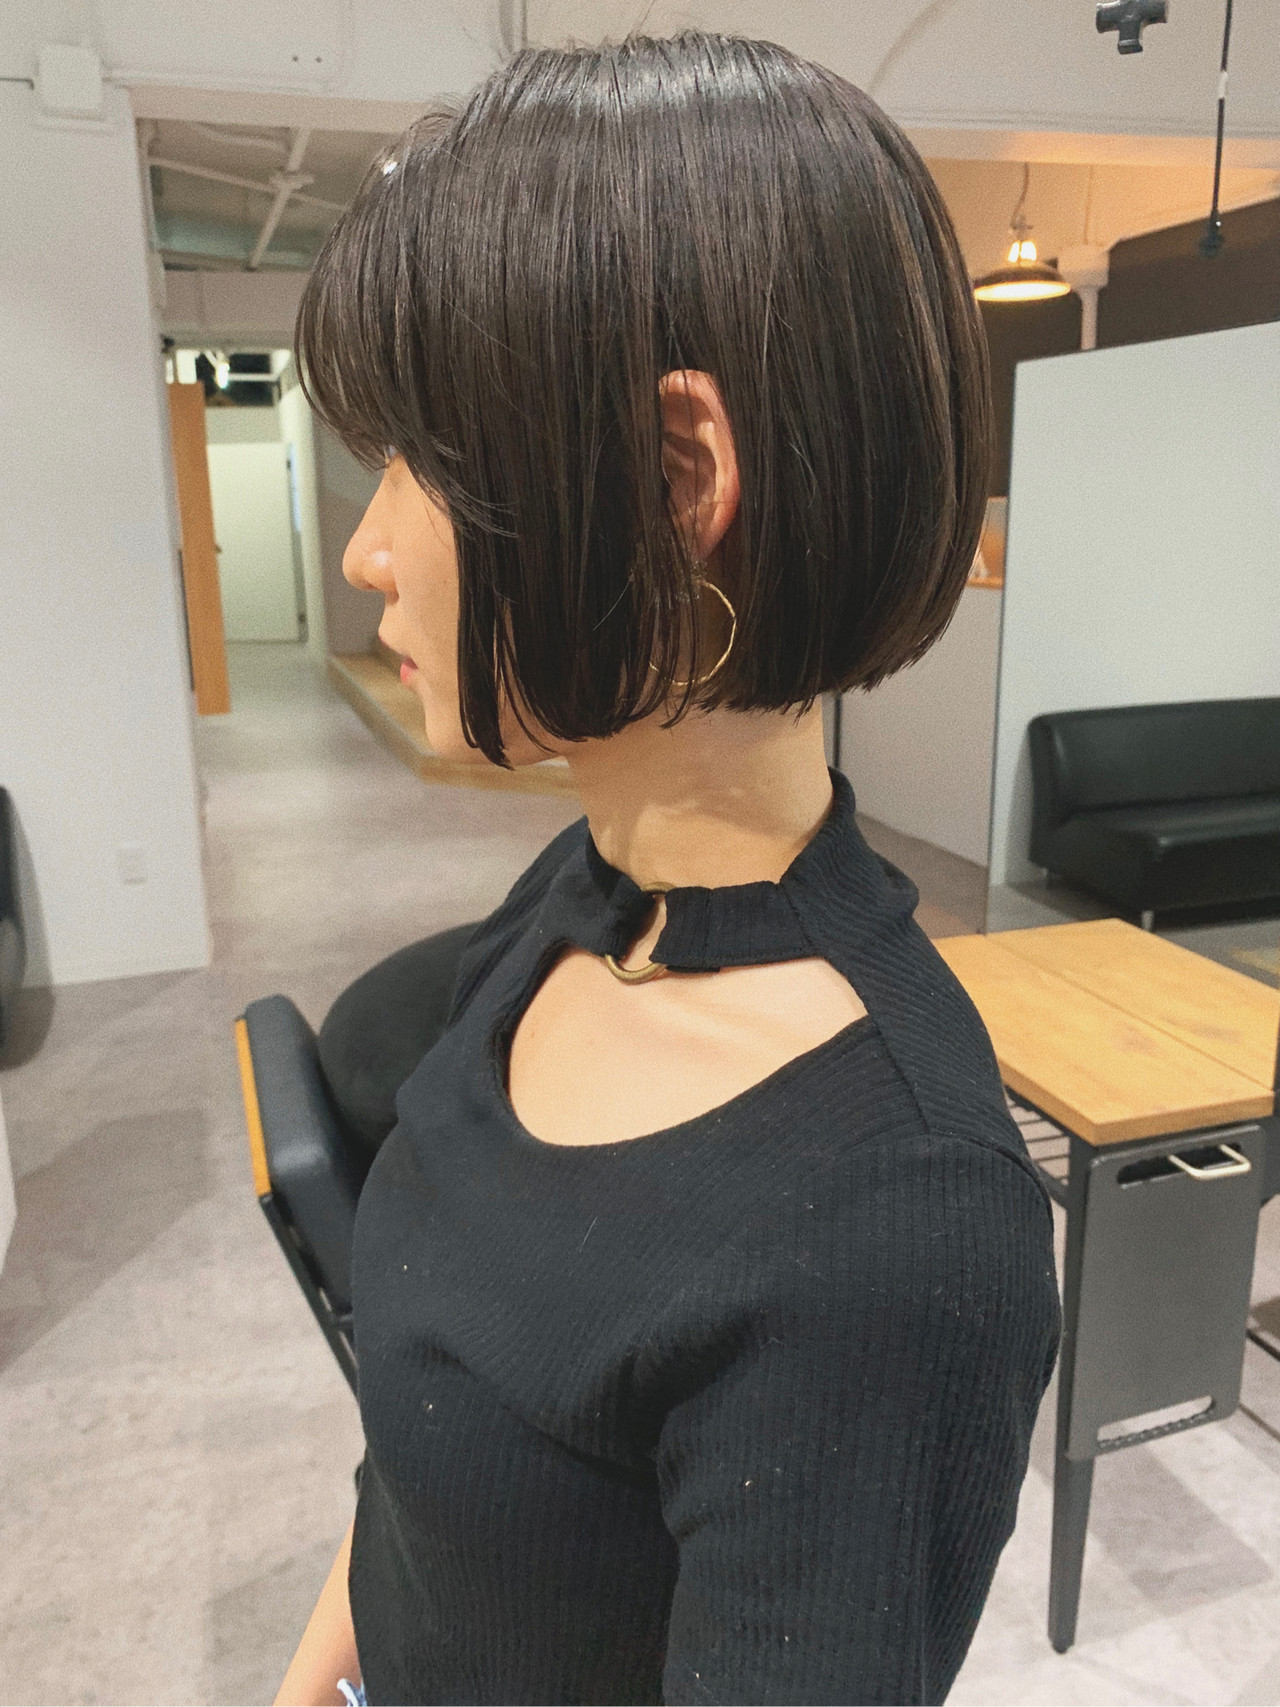 黒髪 アウトドア スポーツ デート ヘアスタイルや髪型の写真・画像